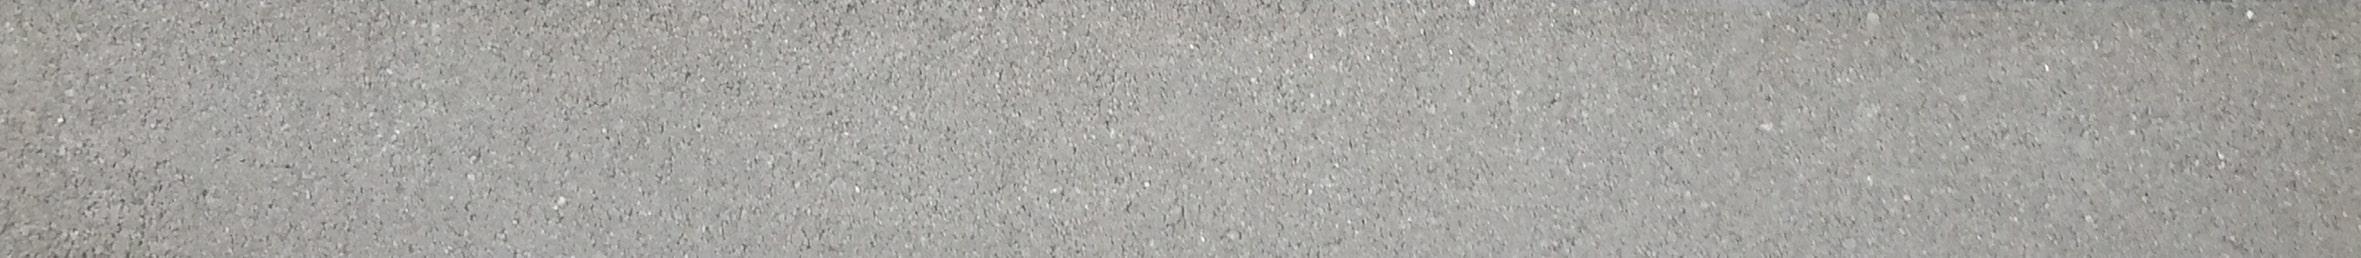 Fugenmörtel - Fugenfarbe 1012